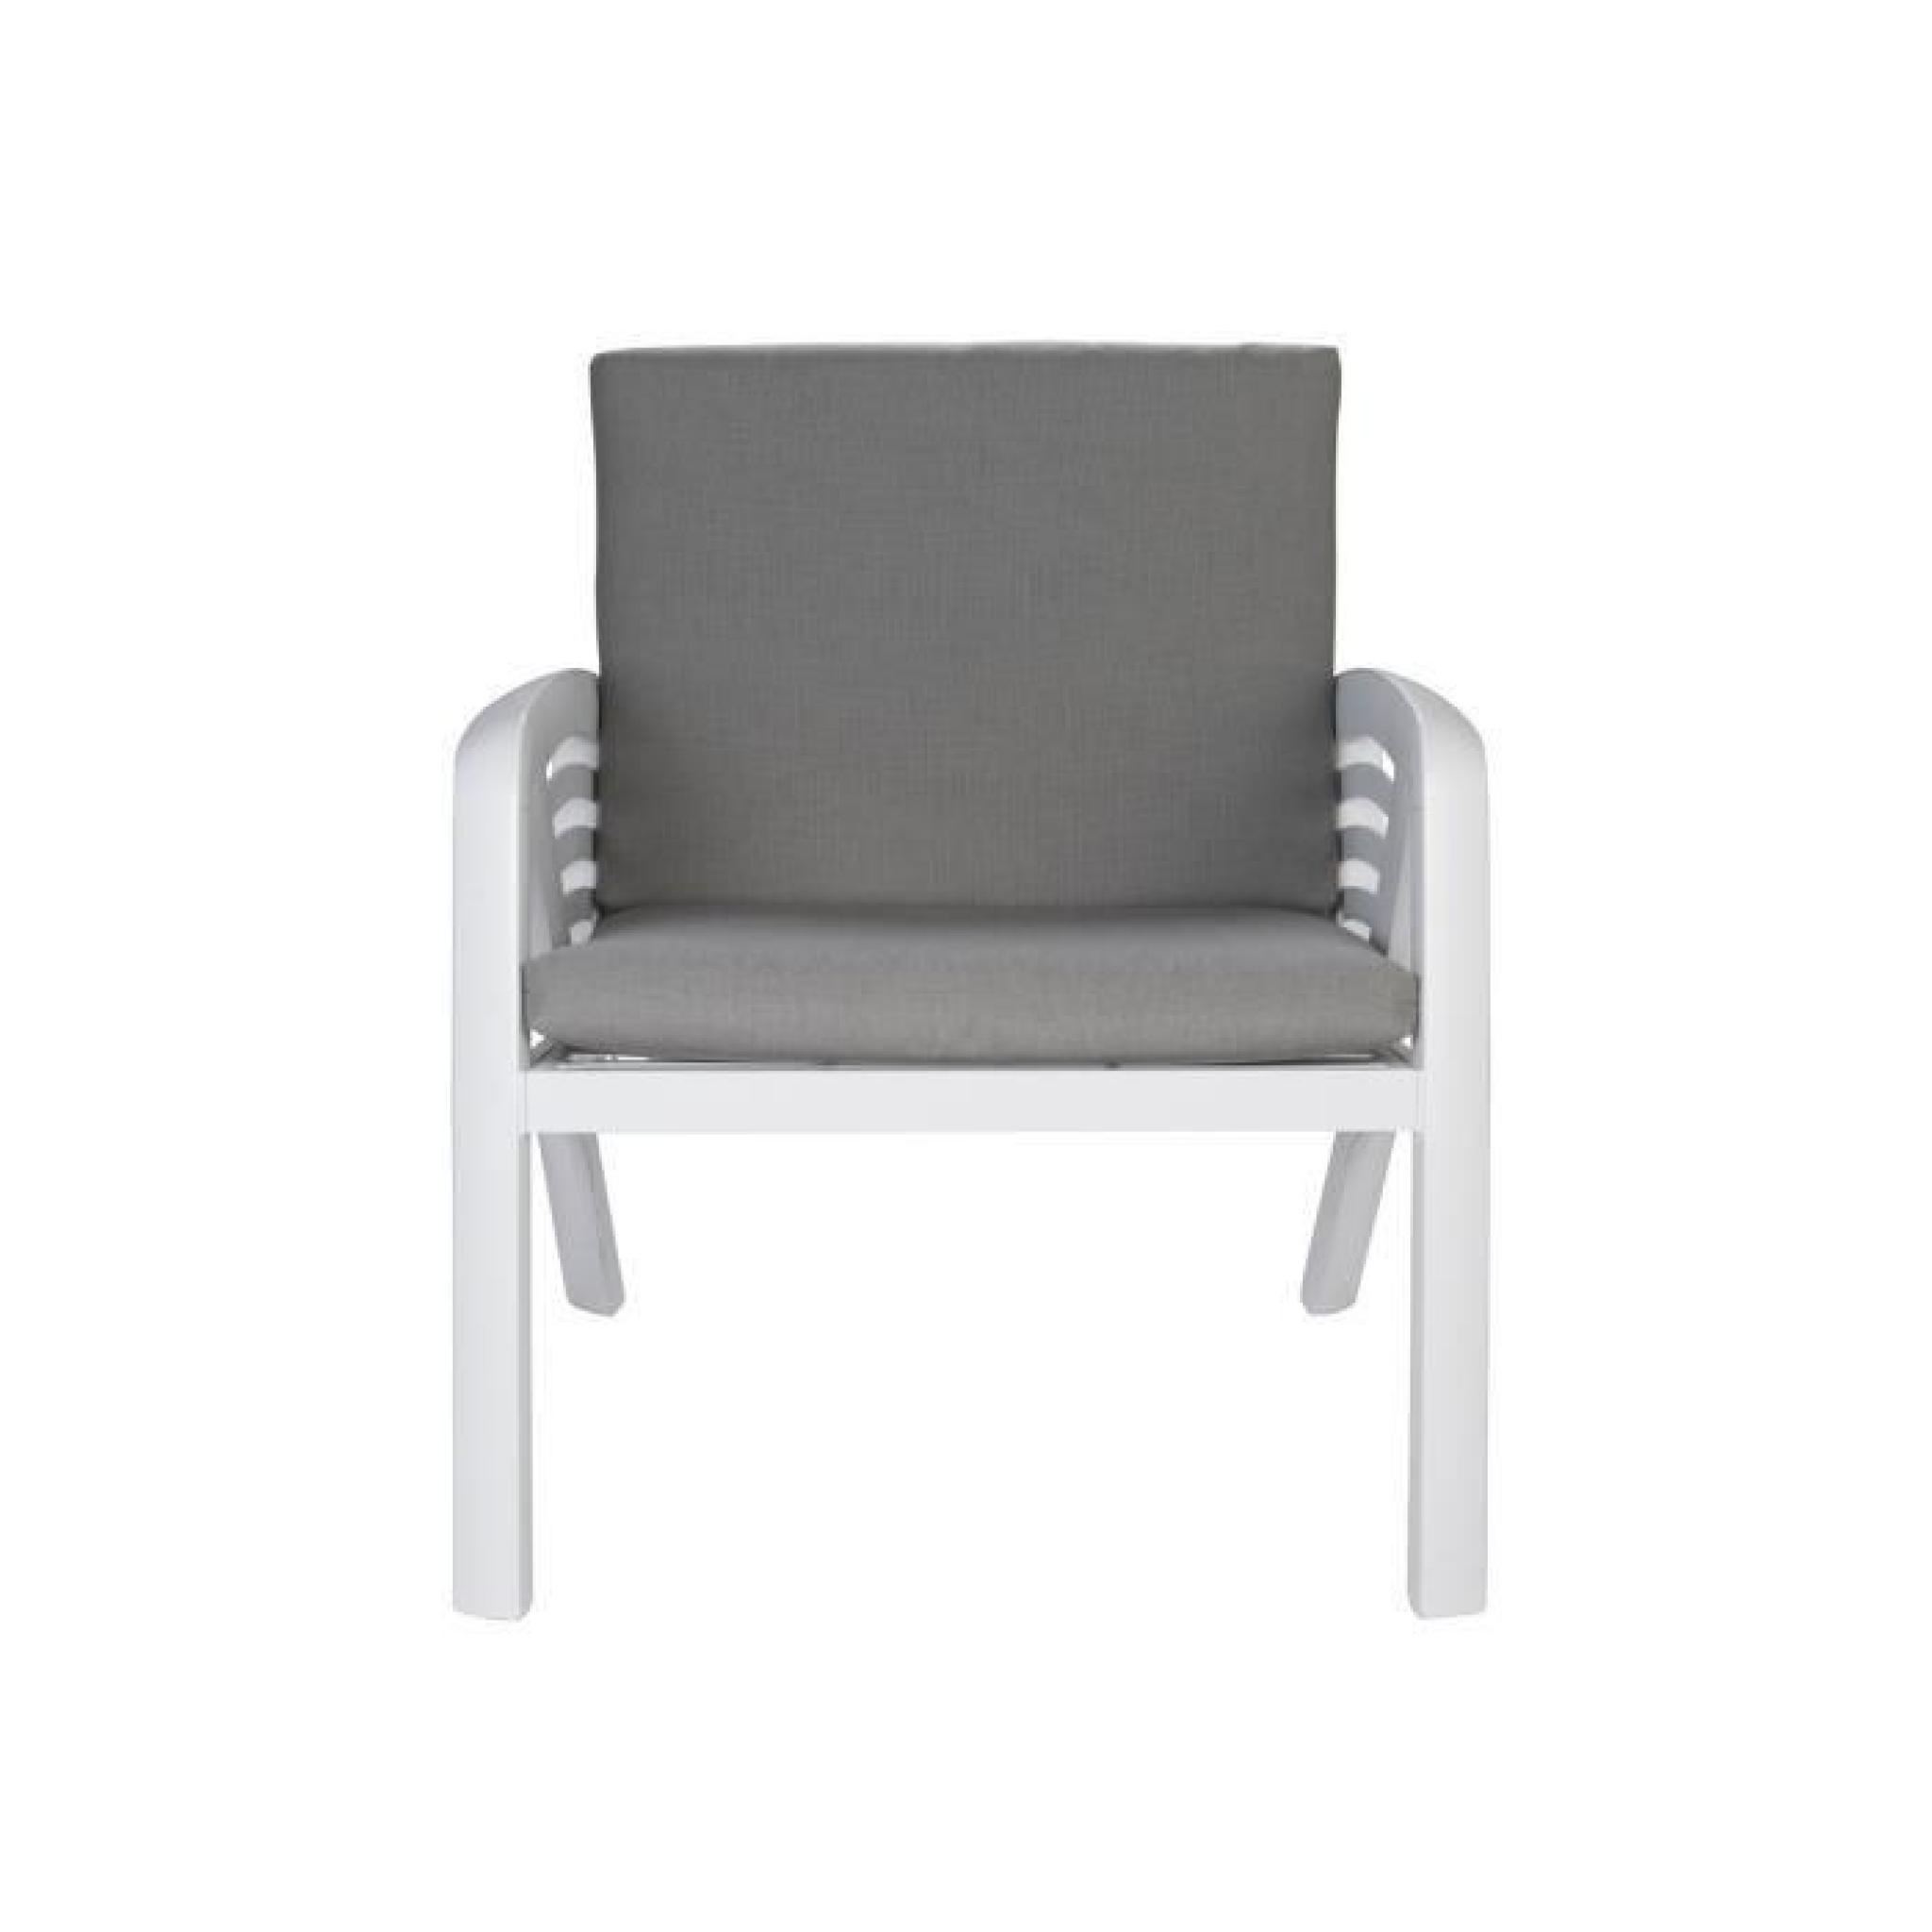 Salon de jardin Lounge Sunday Copenhague - 1 canapé + 2 fauteuils + 1 table  basse